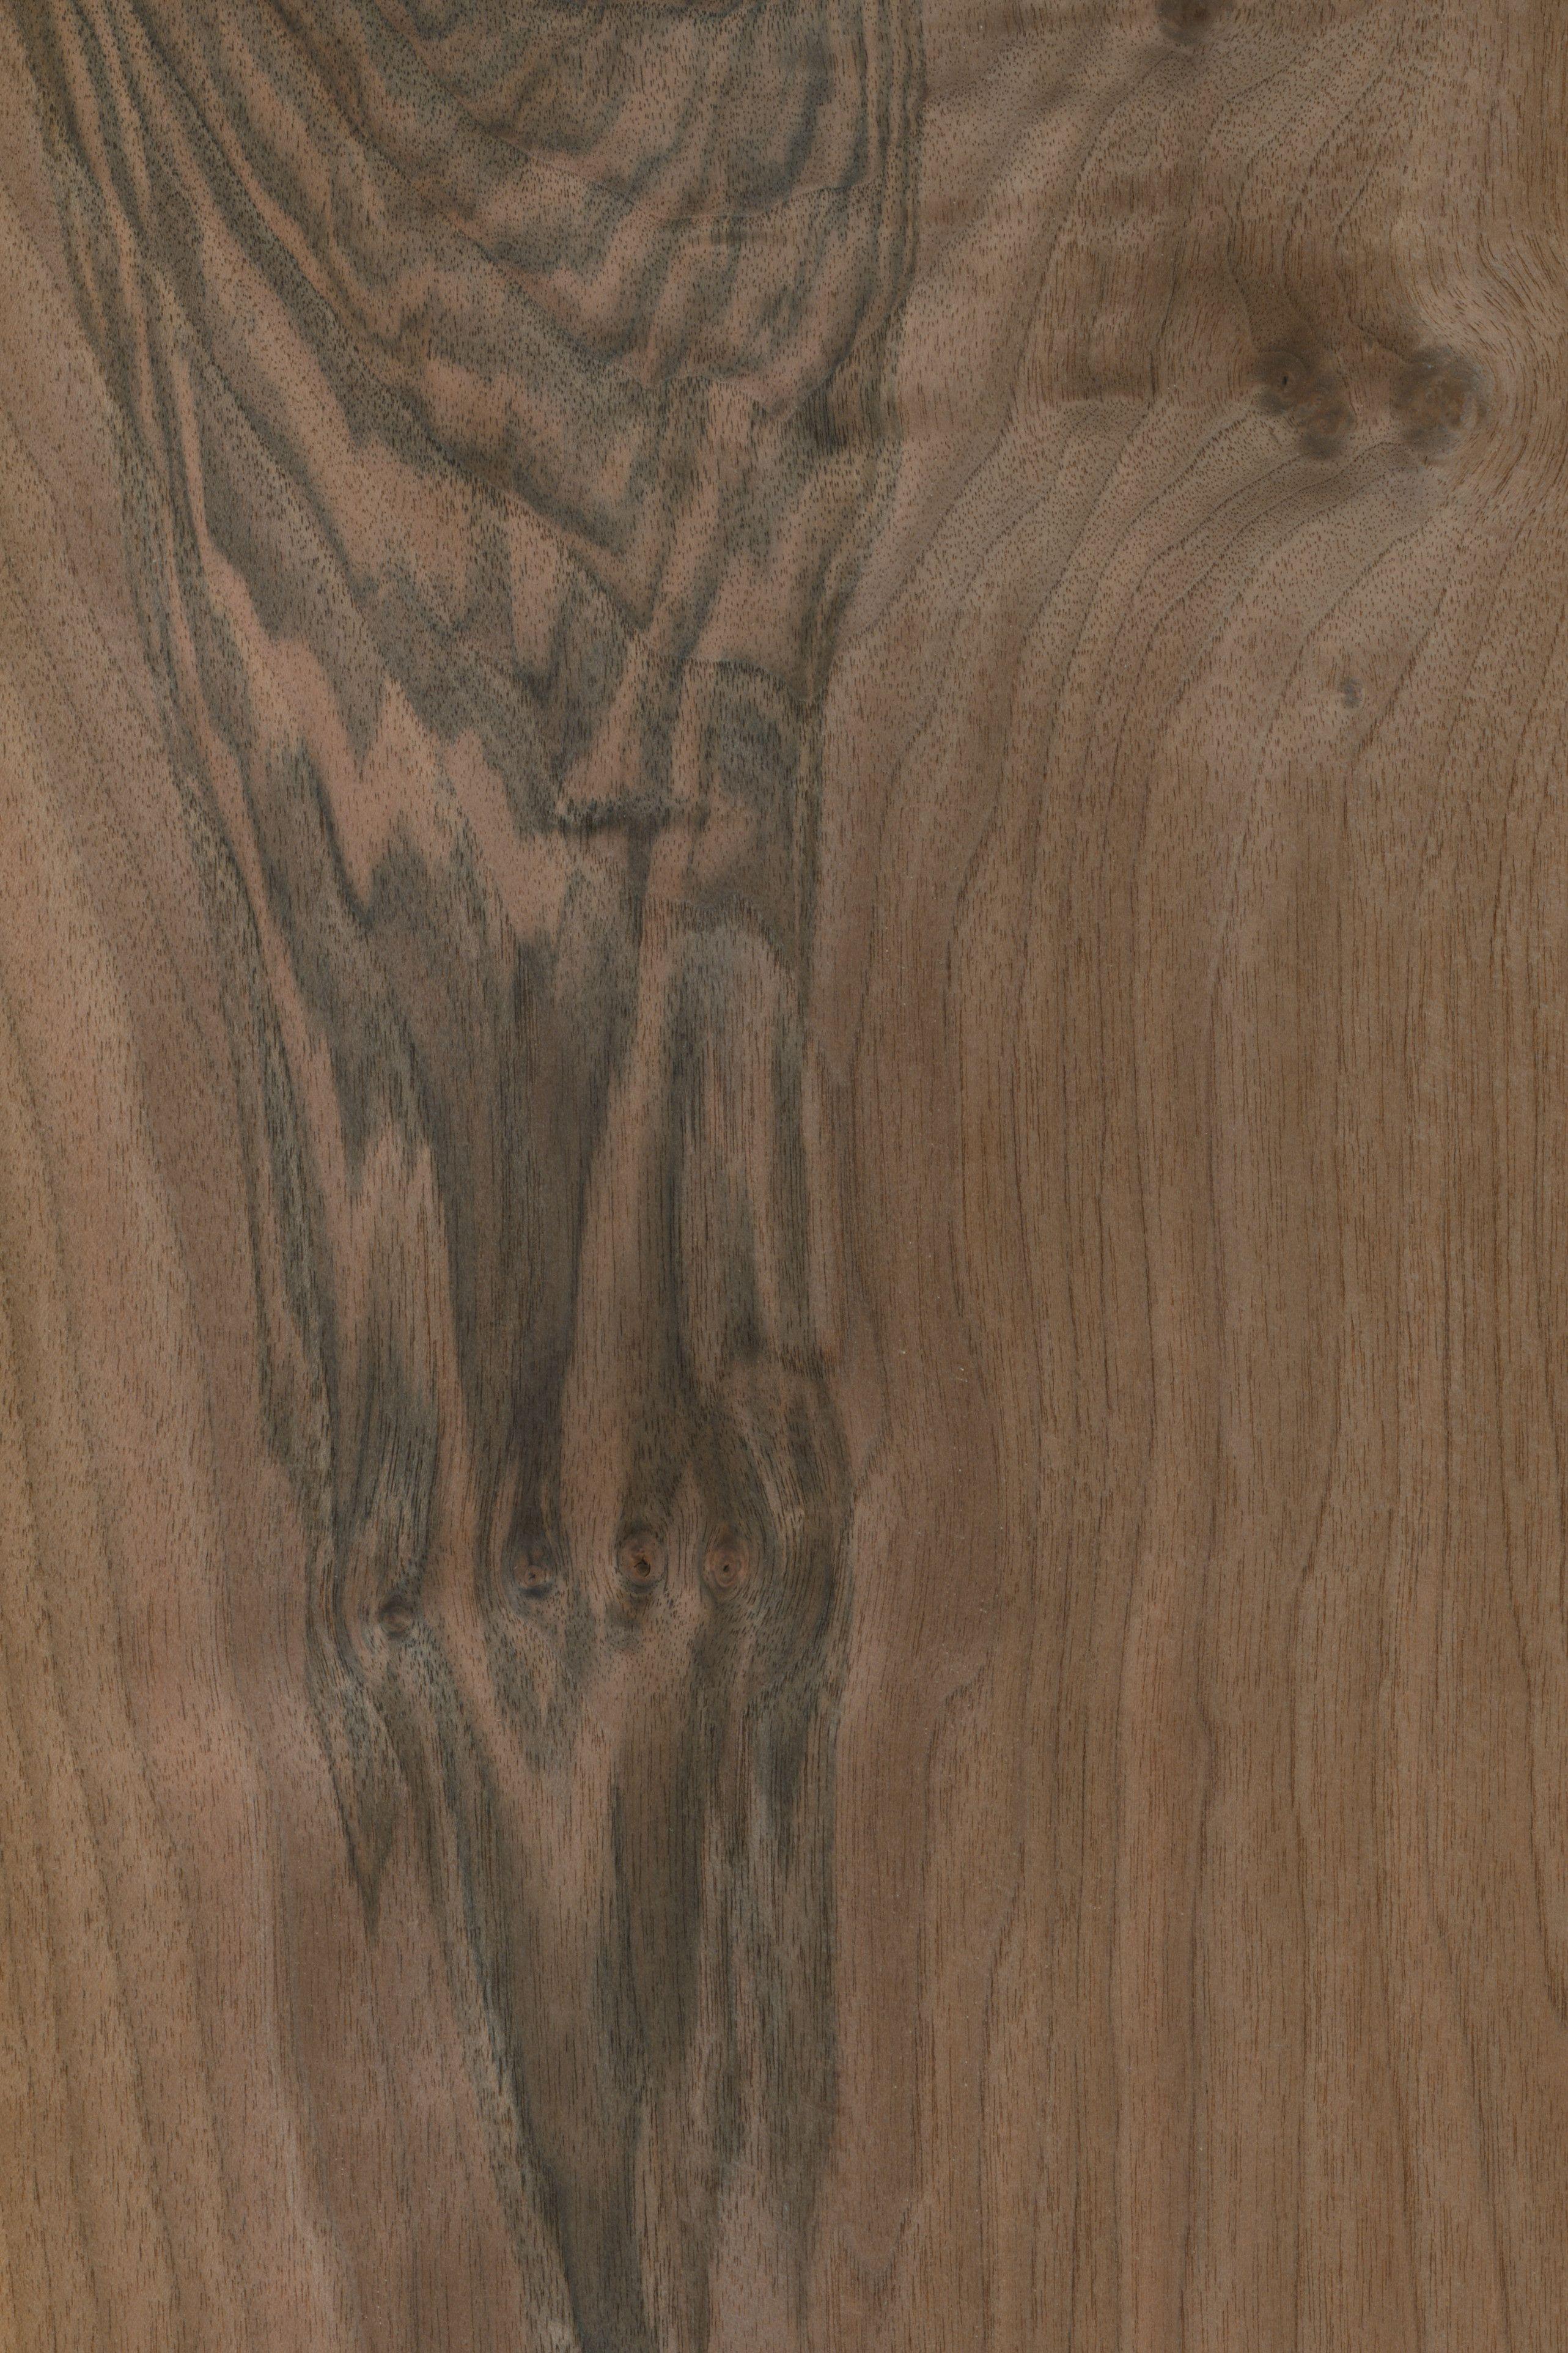 Nussbaum europäisch   Furnier: Holzart, Nussbaum, Blatt, braun, dunkel, #Holzarten #Furniere #Holz